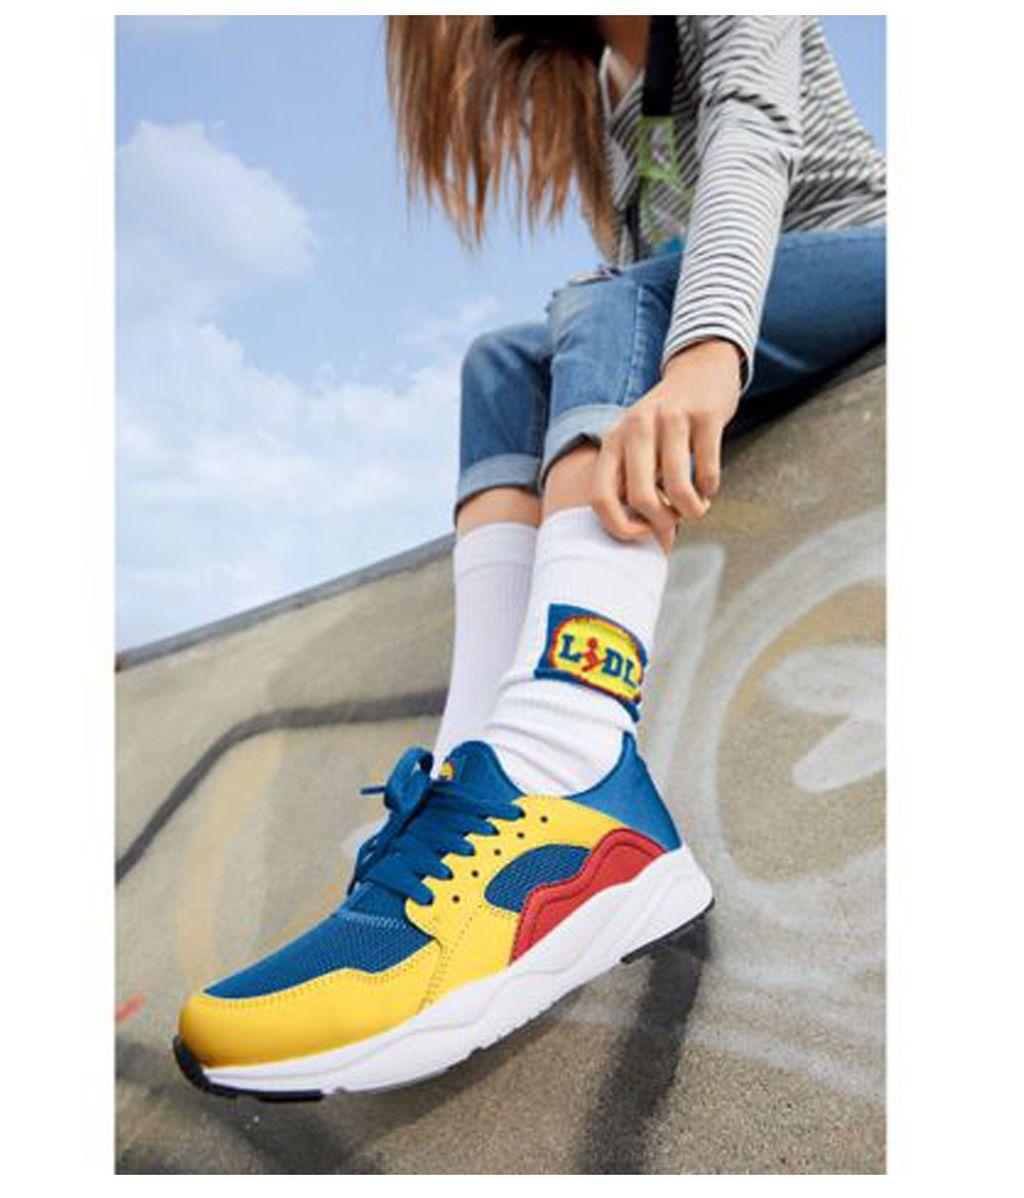 Las zapatillas que todos quieren junto con los calcetines también de la marca